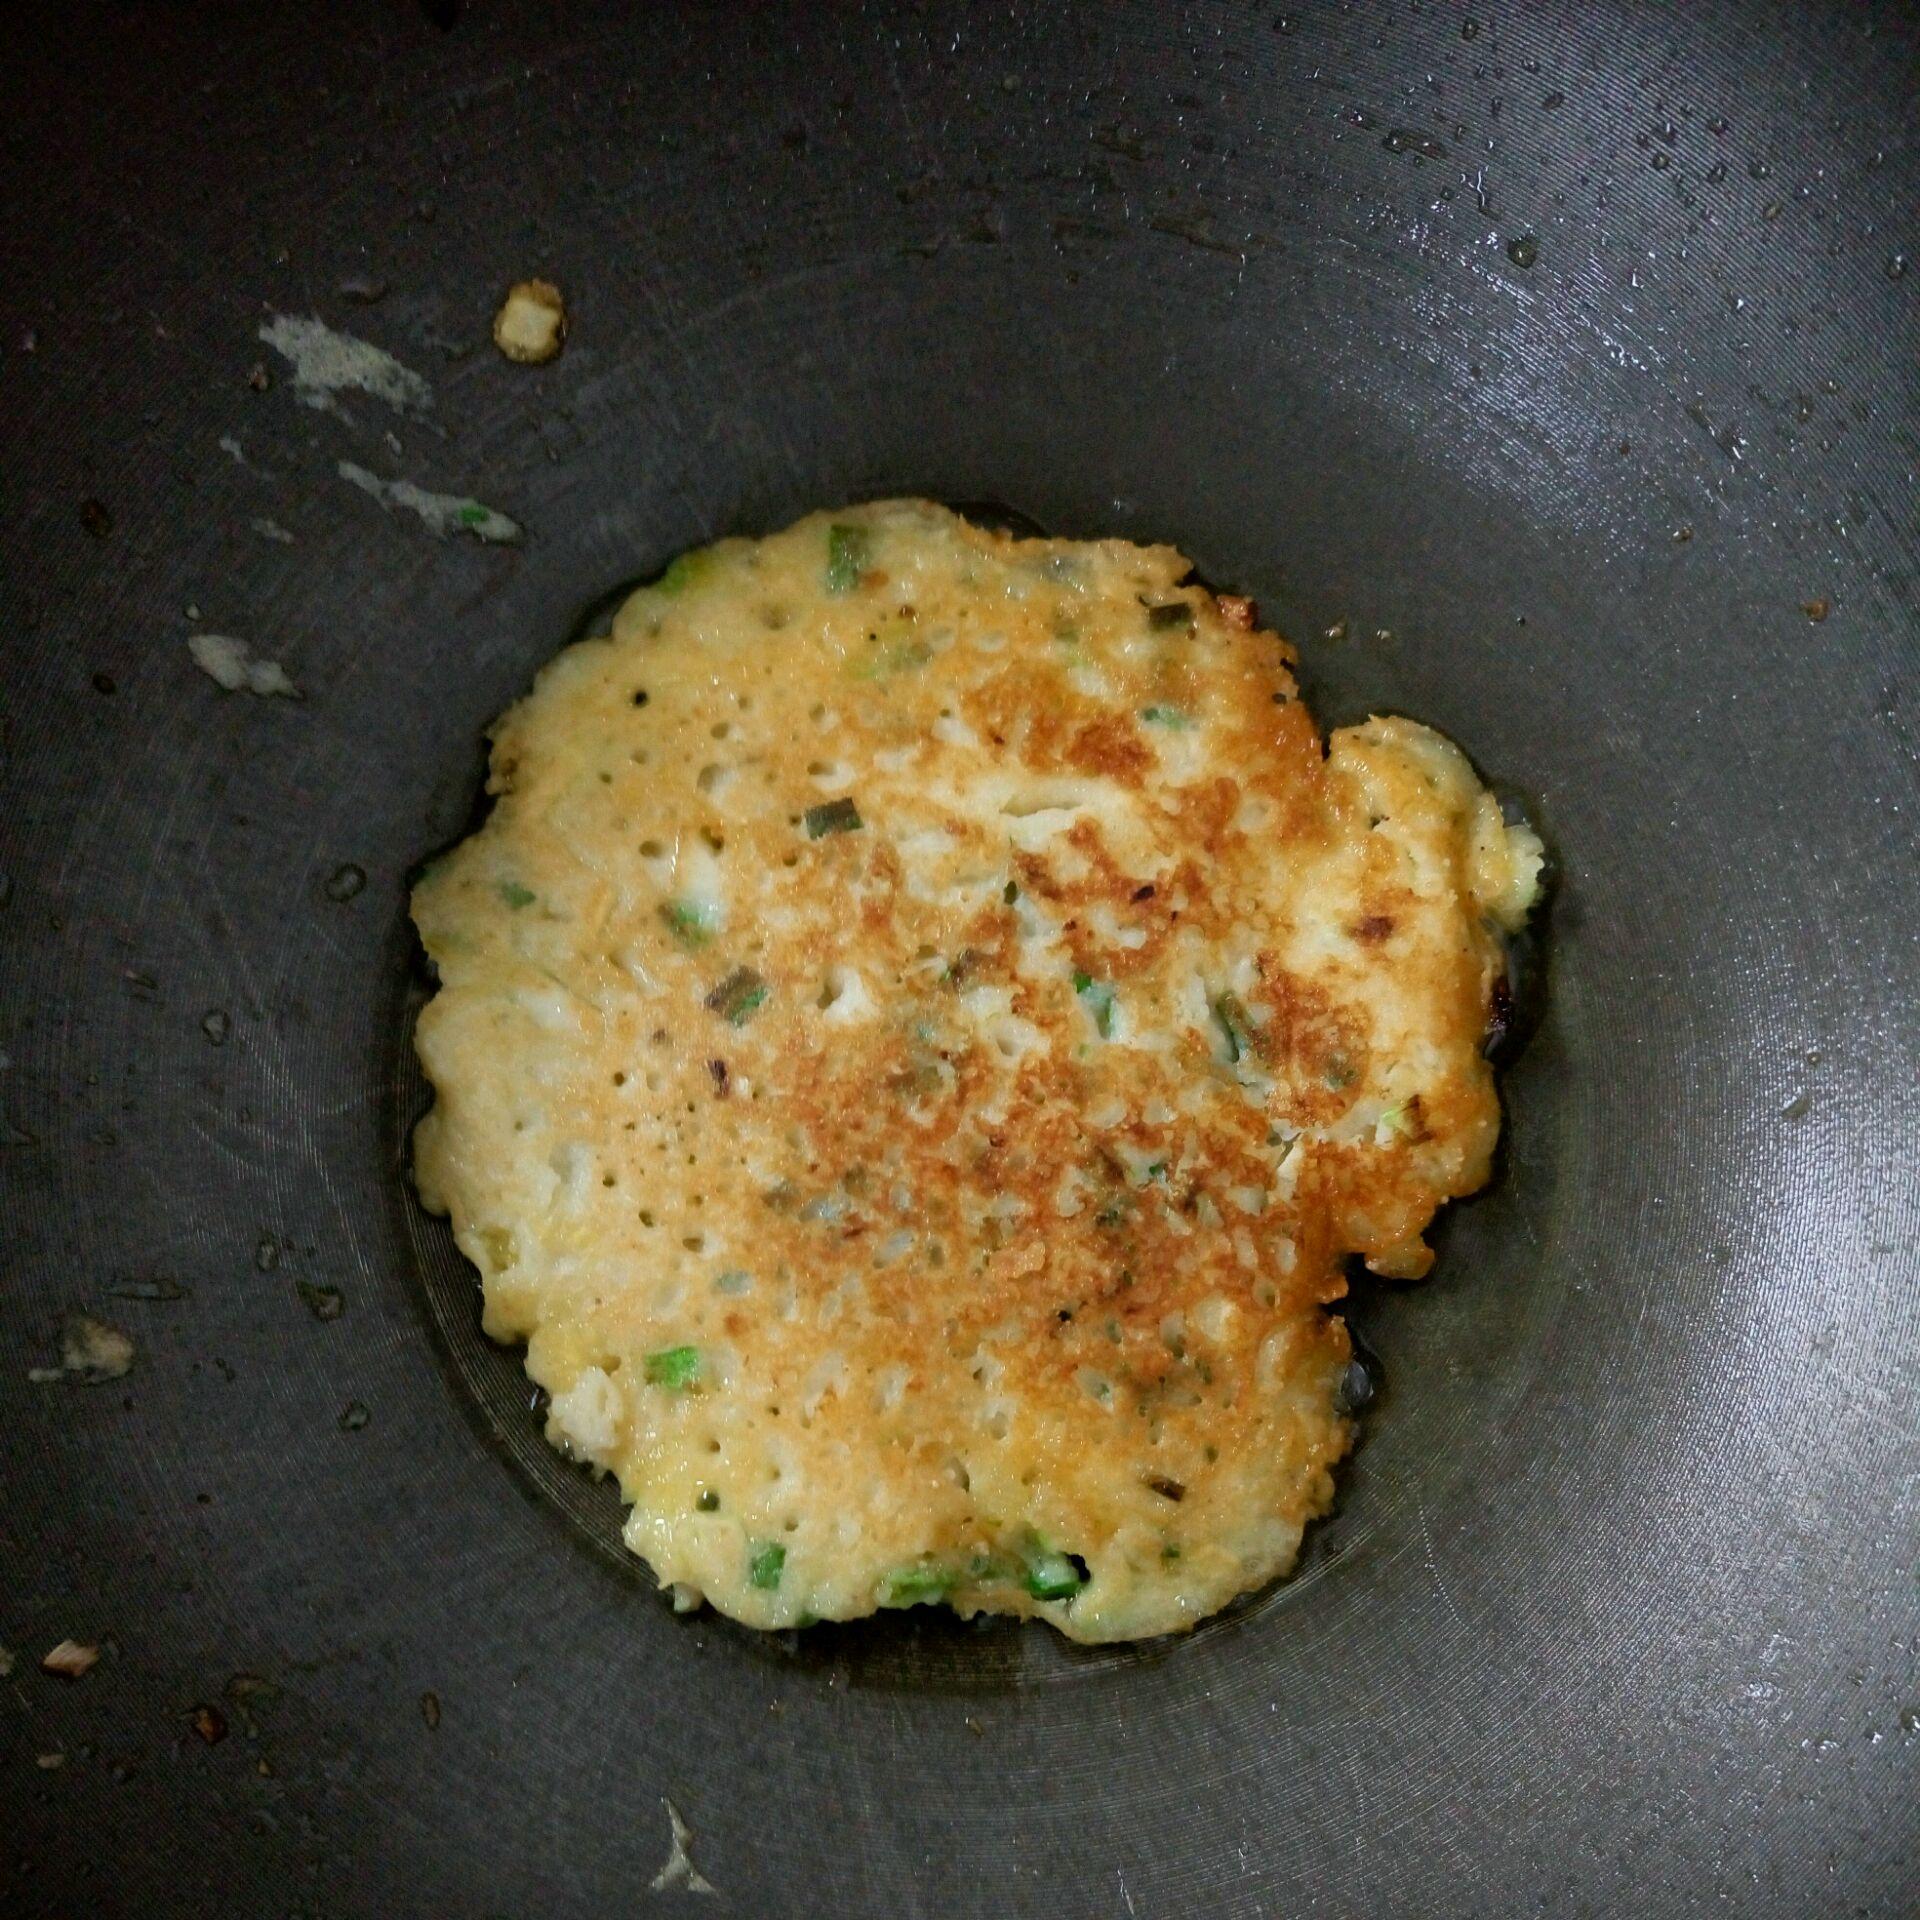 鸡蛋土豆葱花糯米饼的做法图解3